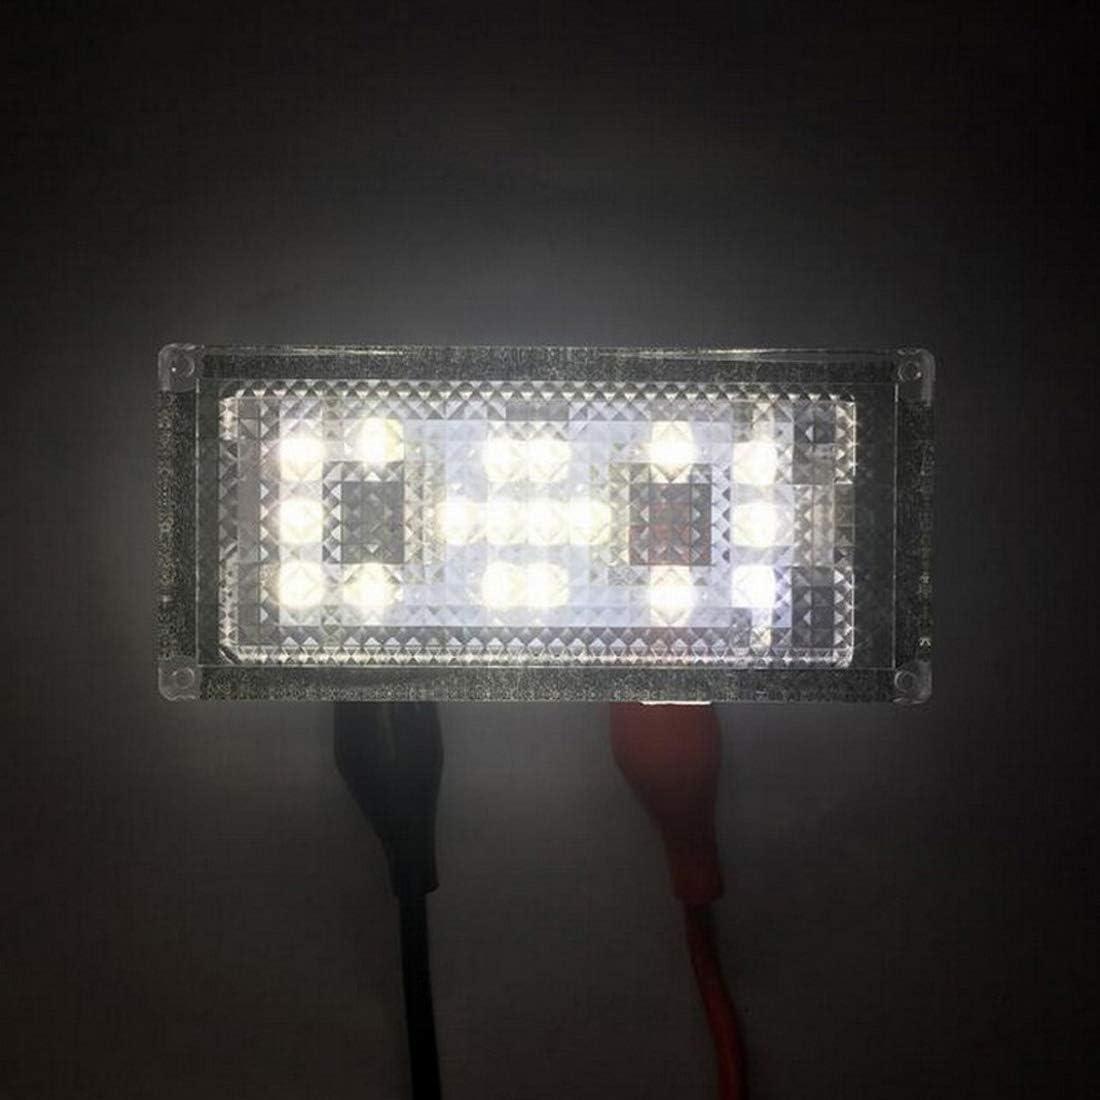 MuChangZi 2 Unids Sin Error 18 LED Luz de Placa de Matr/ícula para B//MW E66 E65 7-Series 735i 2006-2008 Blanca 12V Canbus Luz de Placa de Matr/ícula